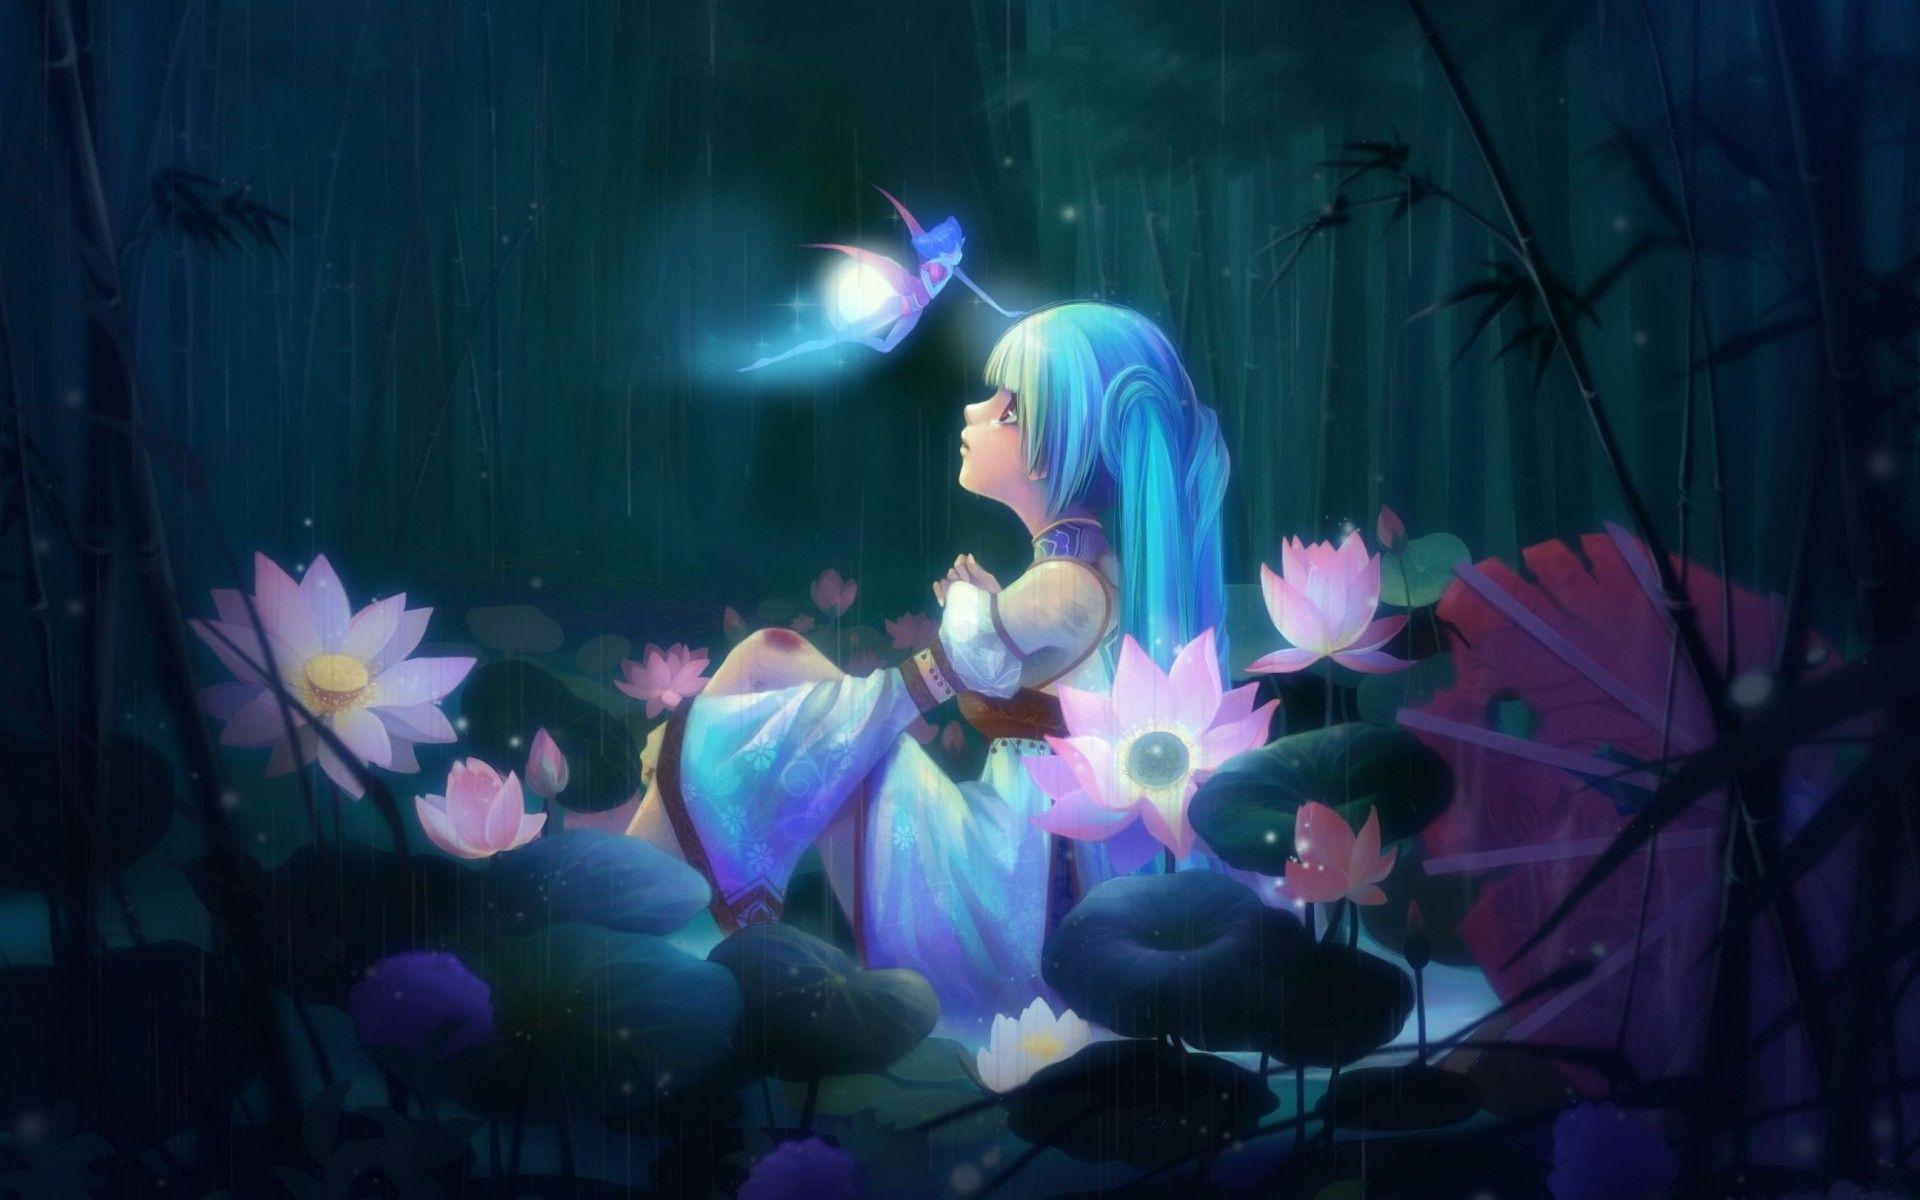 Magical Art Fantasy Art Fairy Trees Forest Magic Flowers Girl Wallpaper Background Fantasy Kunst Kunst Anime